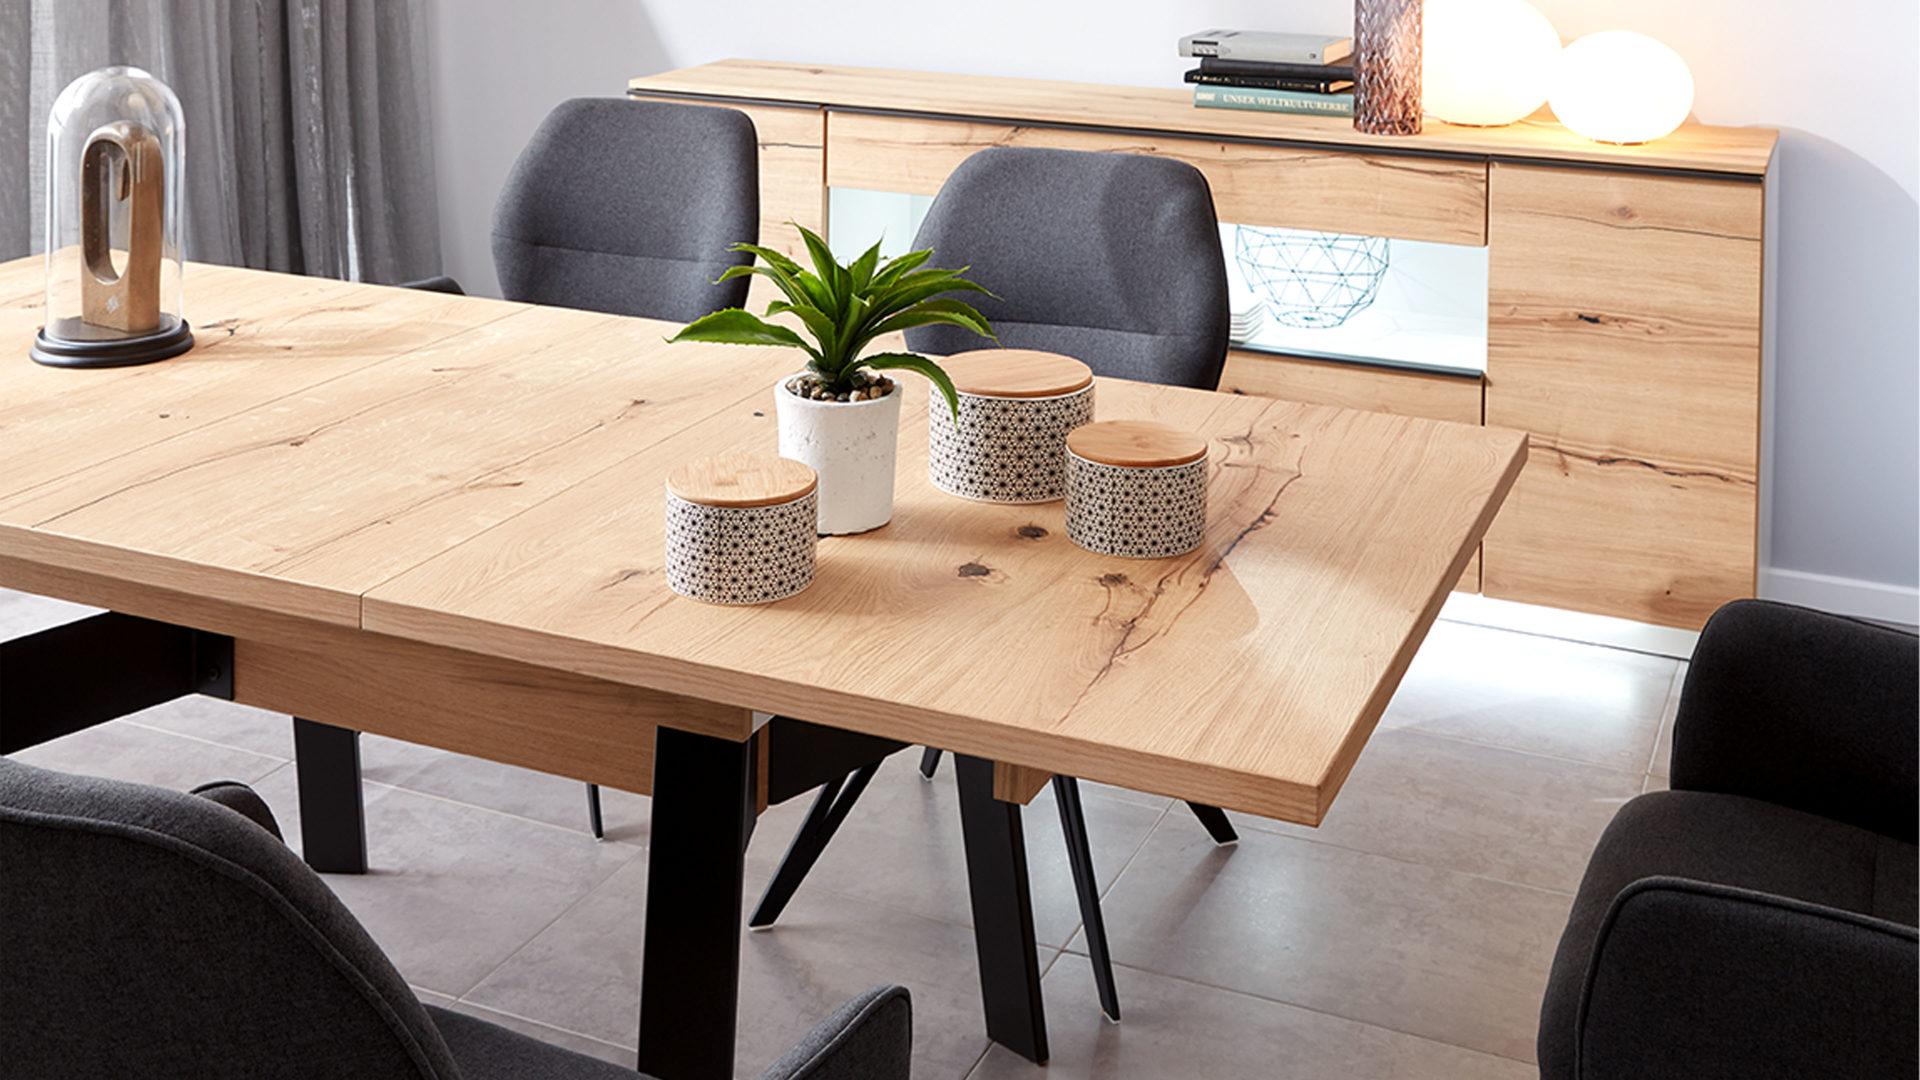 Interliving Wohnzimmer Serie 2103 – Esstisch, schieferschwarzer Lack &  Asteiche – ca. 160 x 90 cm